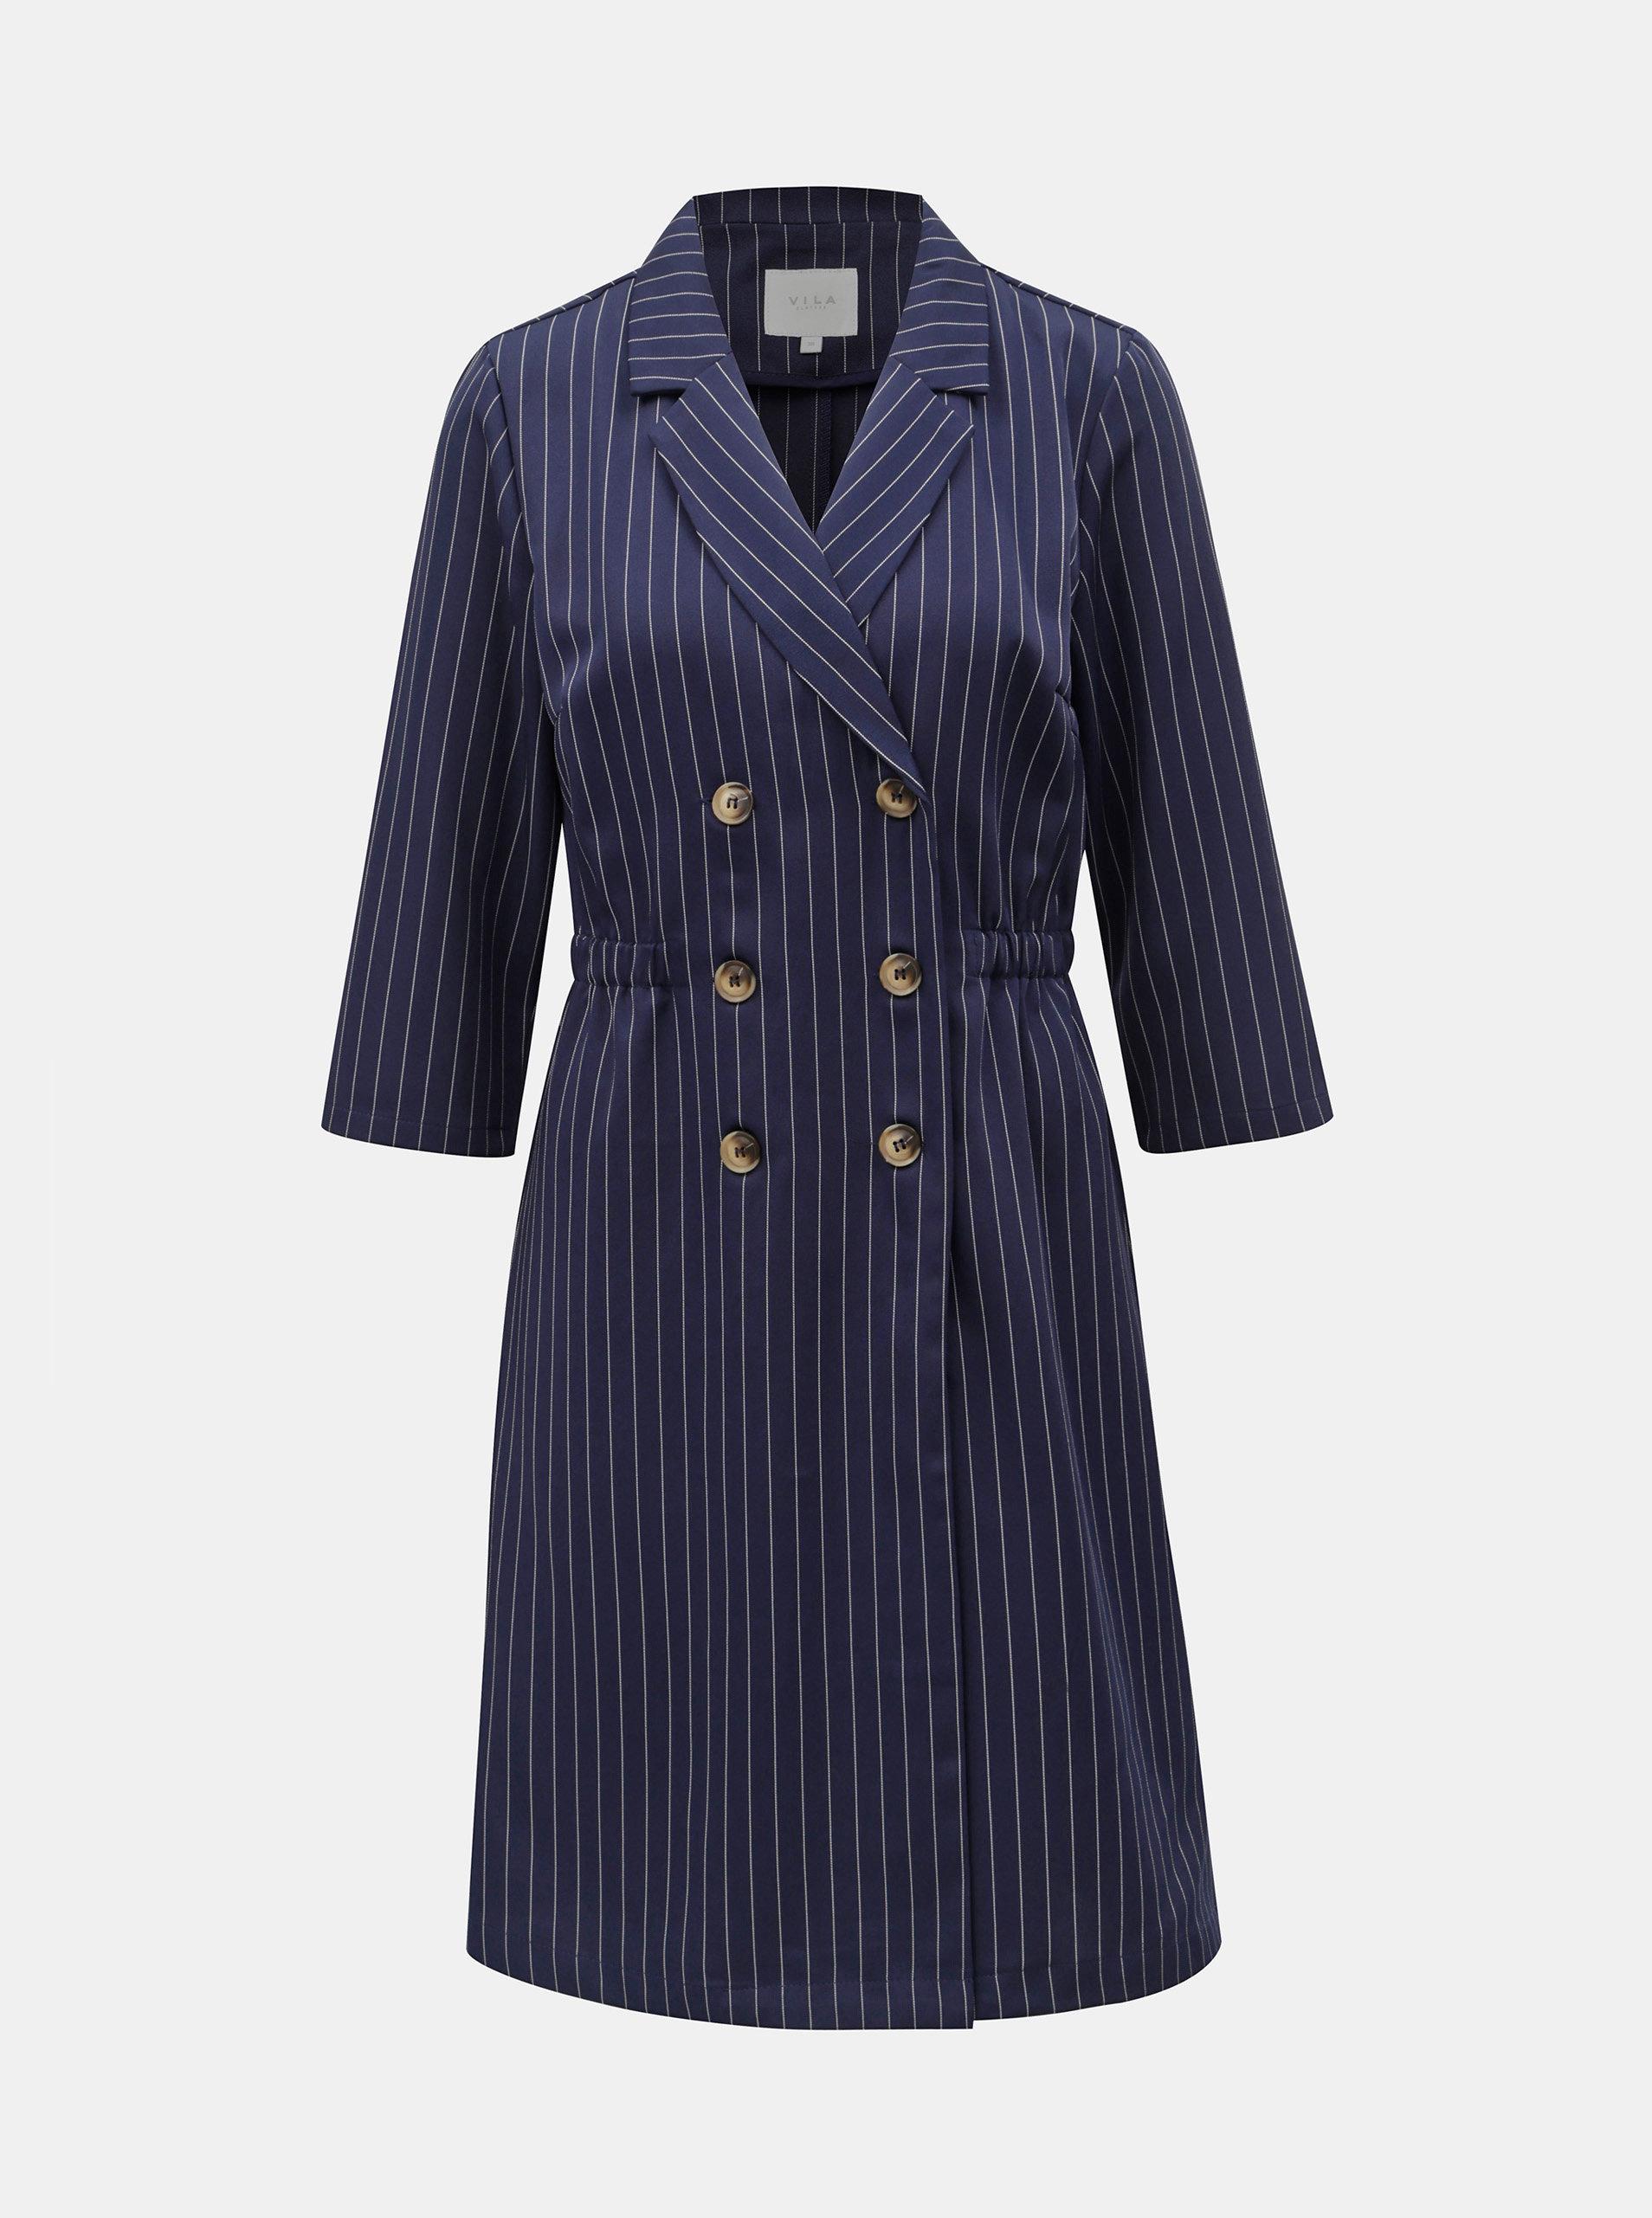 0a4906b83b Tmavě modré pruhované šaty s knoflíky VILA Enrica ...